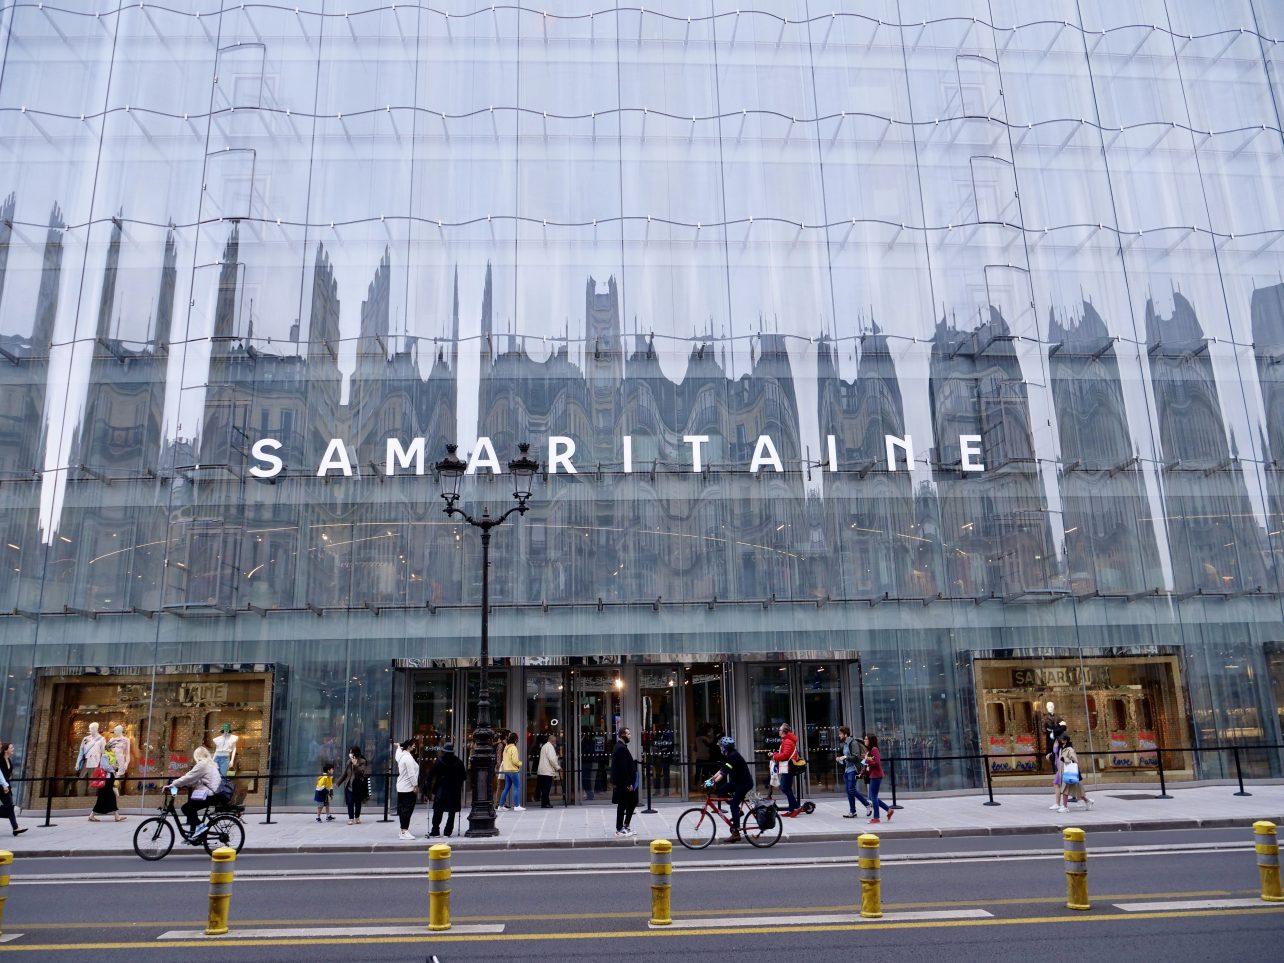 La façade de la Samaritaine